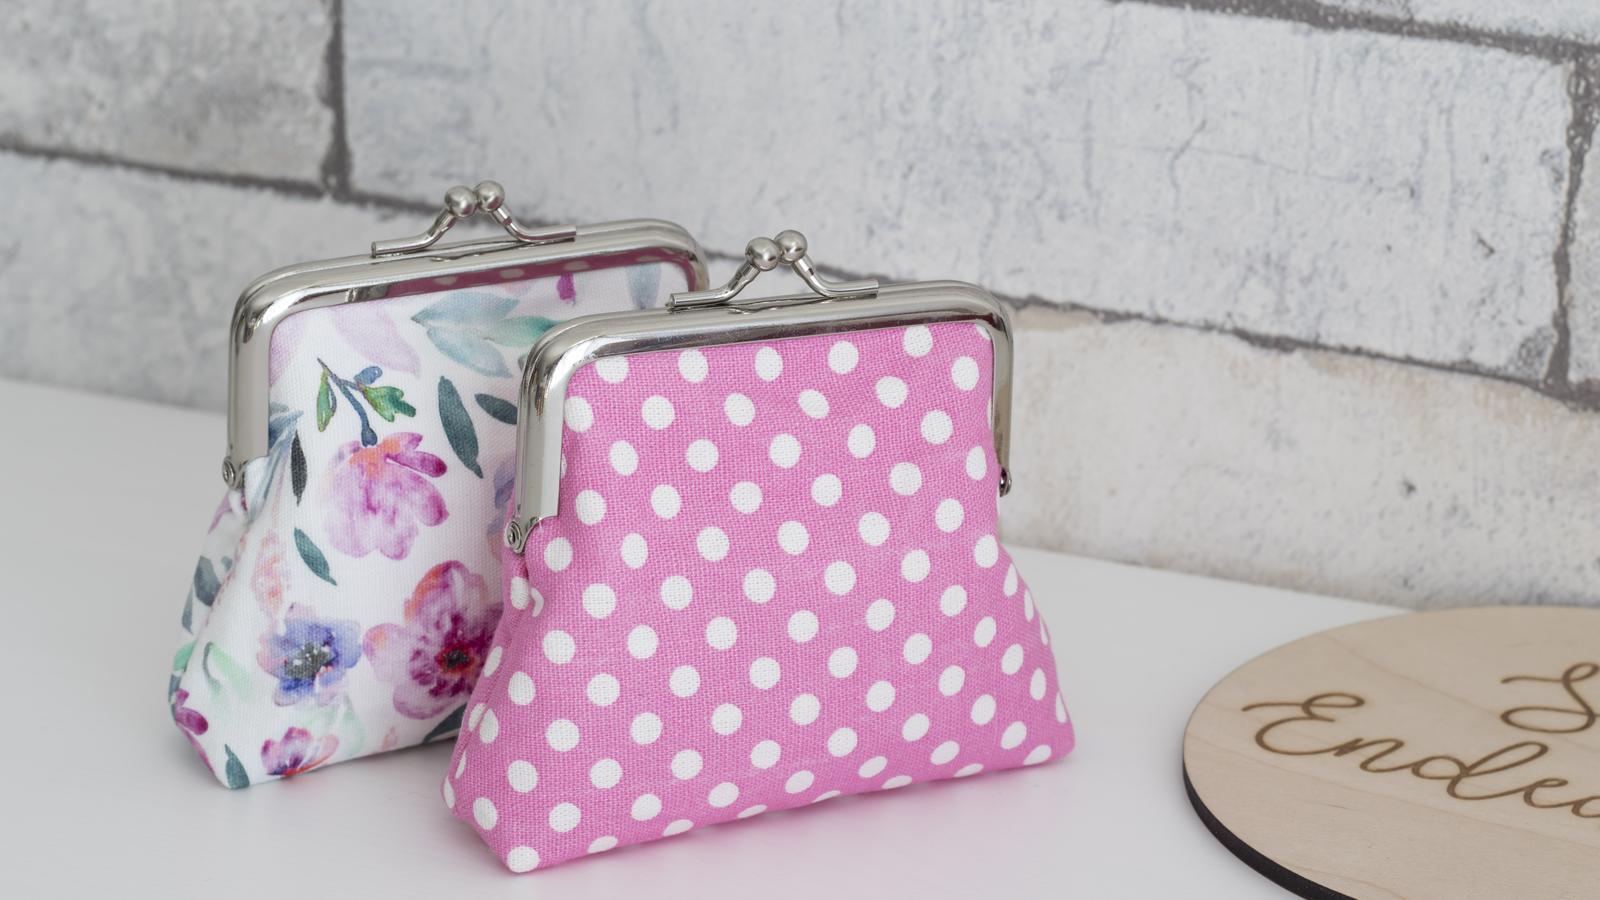 Metal clasp purse